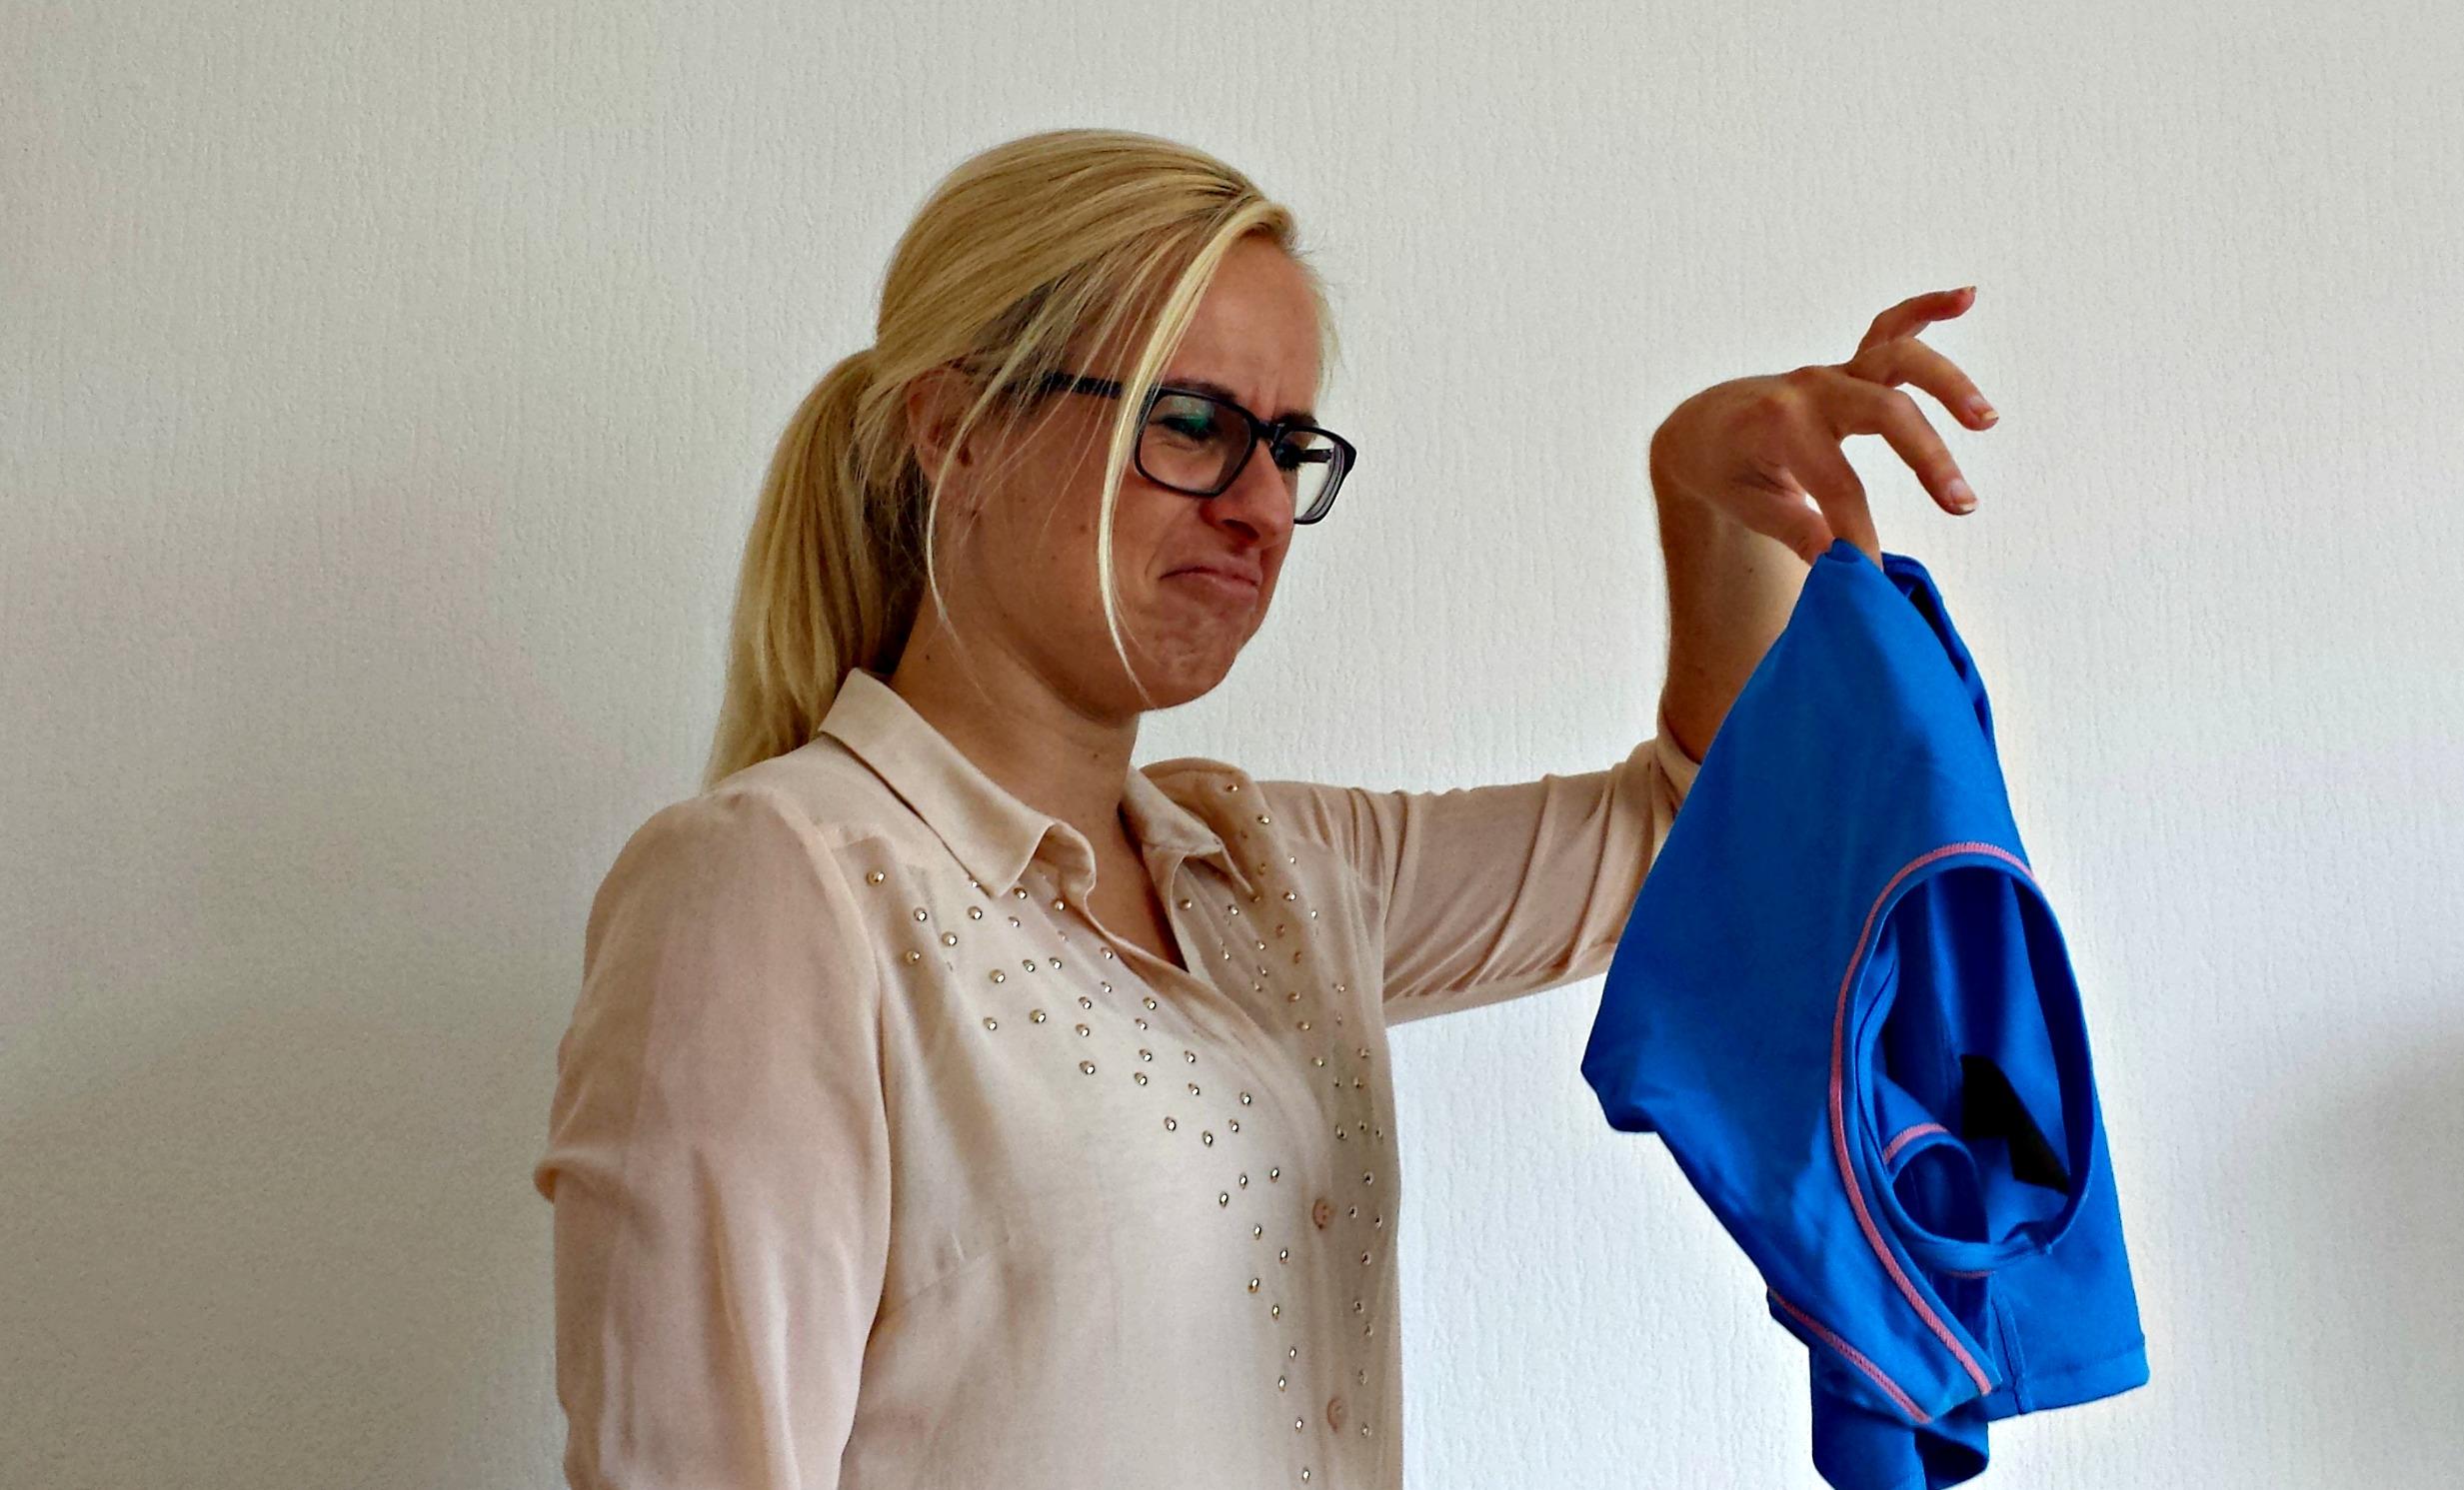 Zweetlucht uit kleding vriezer